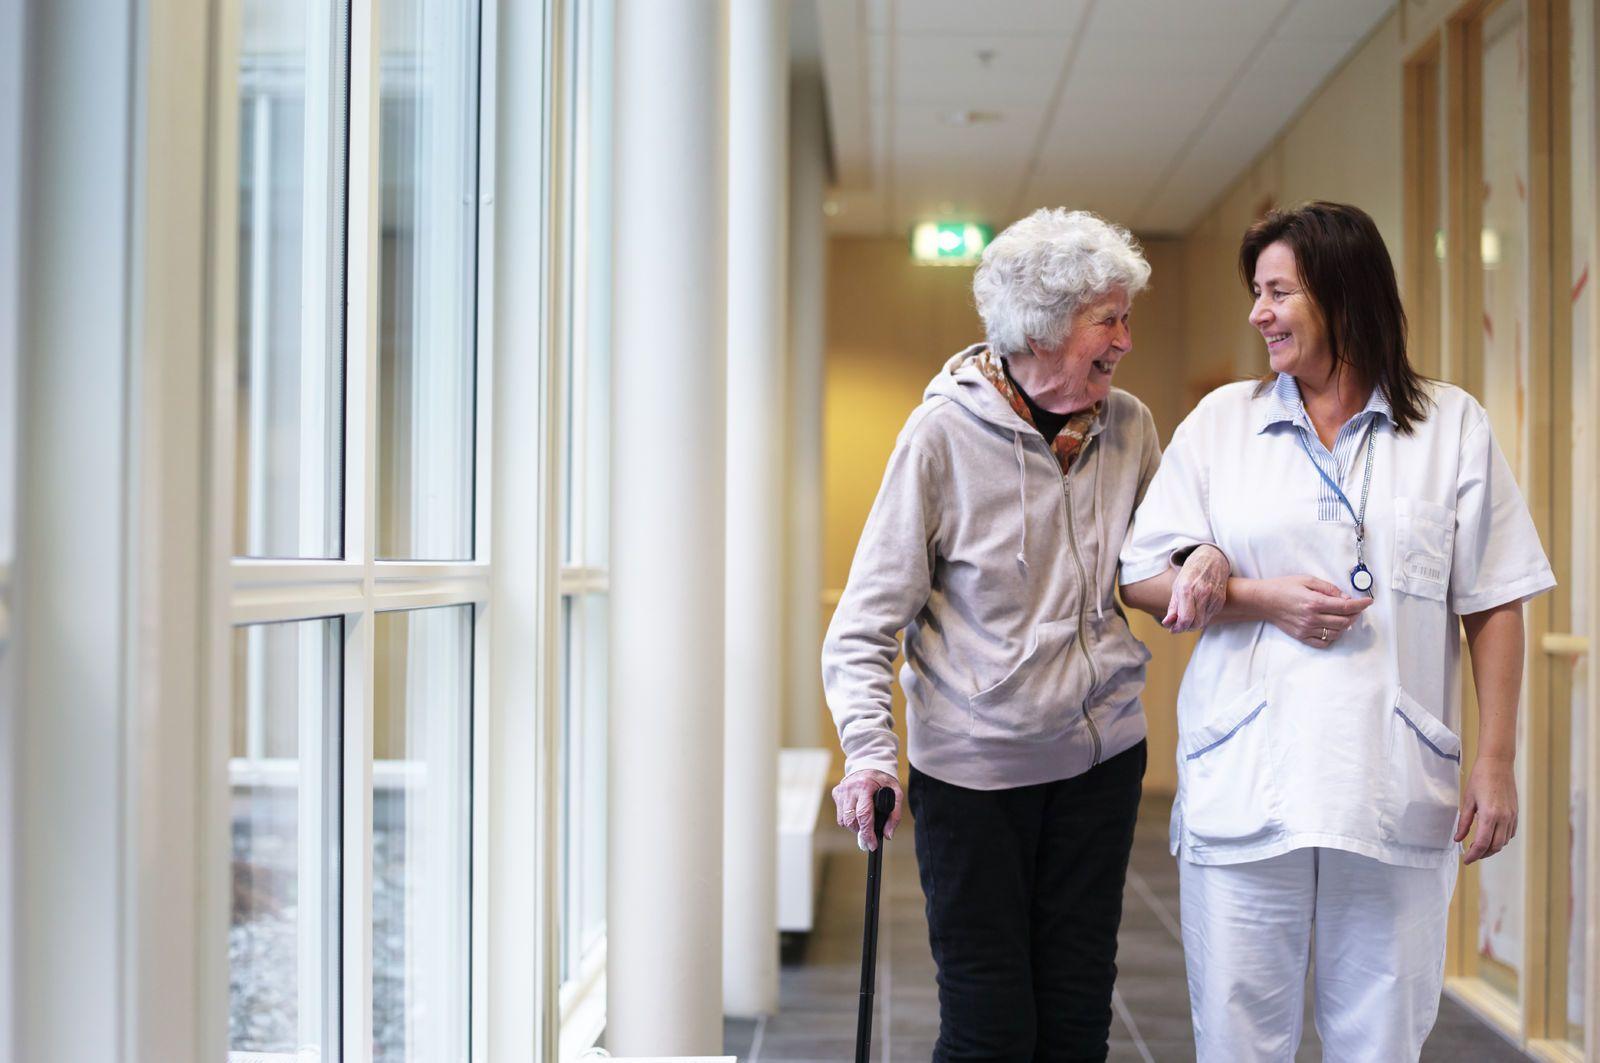 En helsearbeider geleider en eldre dame gjennom gangene i et helsebygg. Foto: Øivind Haug